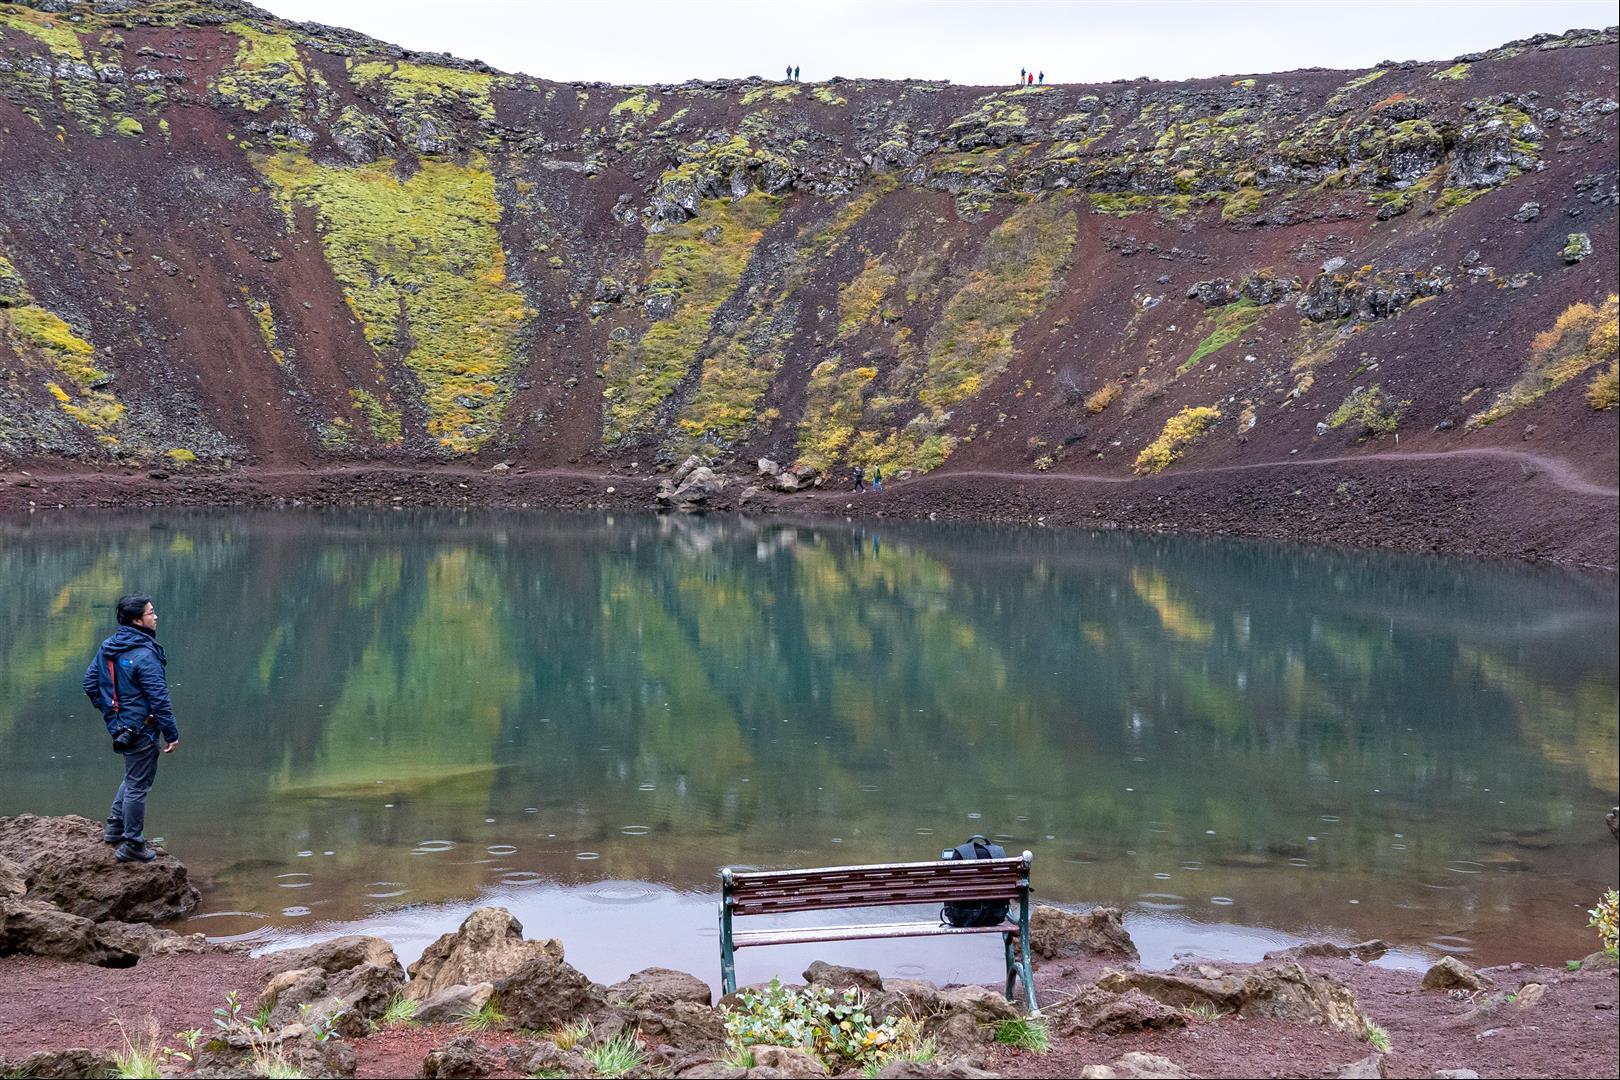 金圈火口湖 Kerid